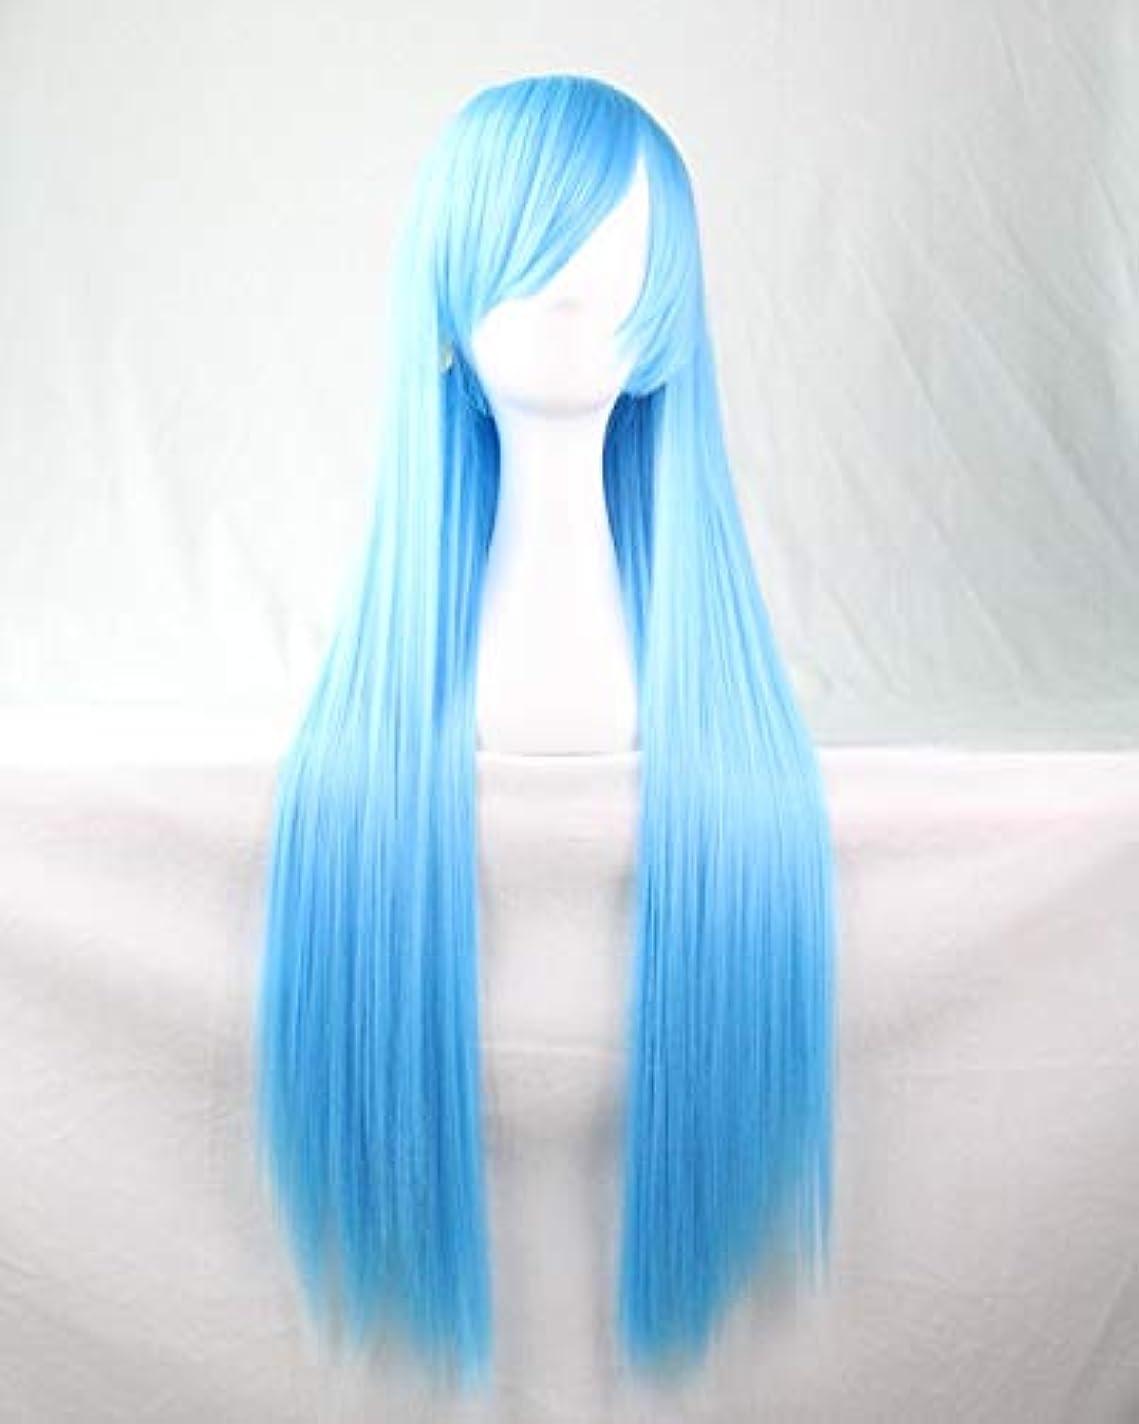 それるドキドキ確立します女性のためのかつらキャップロングファンシードレスストレートウィッグ高品質な人工毛コスプレ高密度ウィッグ女性と女の子のためのかつら31.5インチ (Color : Aqua blue)